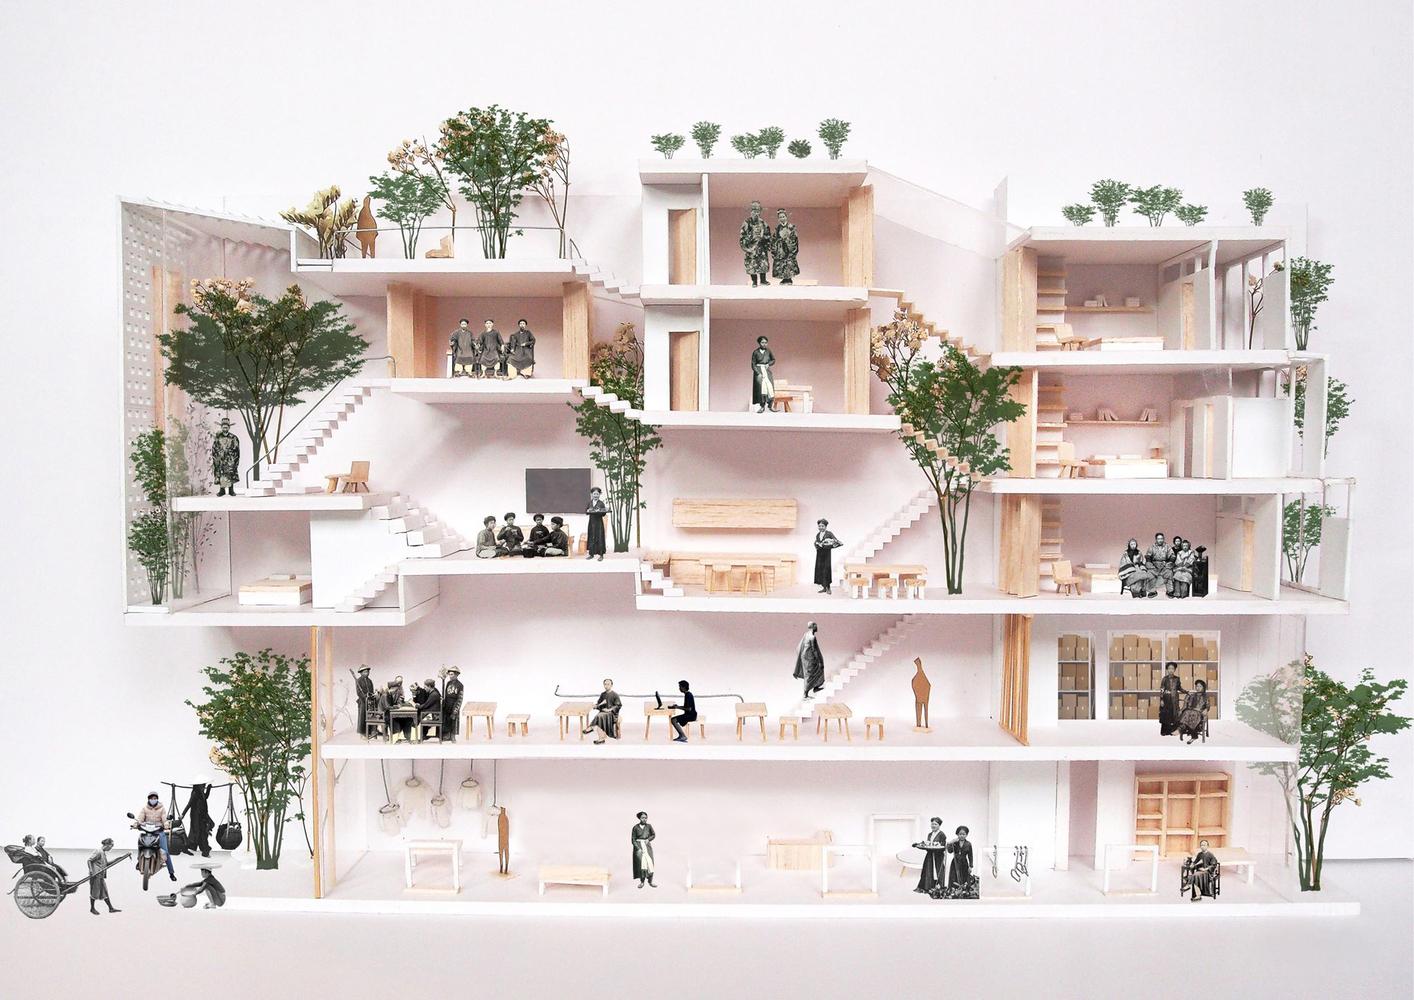 Ngôi nhà Hà Nội có 2 lớp mặt tiền, tách biệt với ồn ào của phố lớn - Ảnh 10.